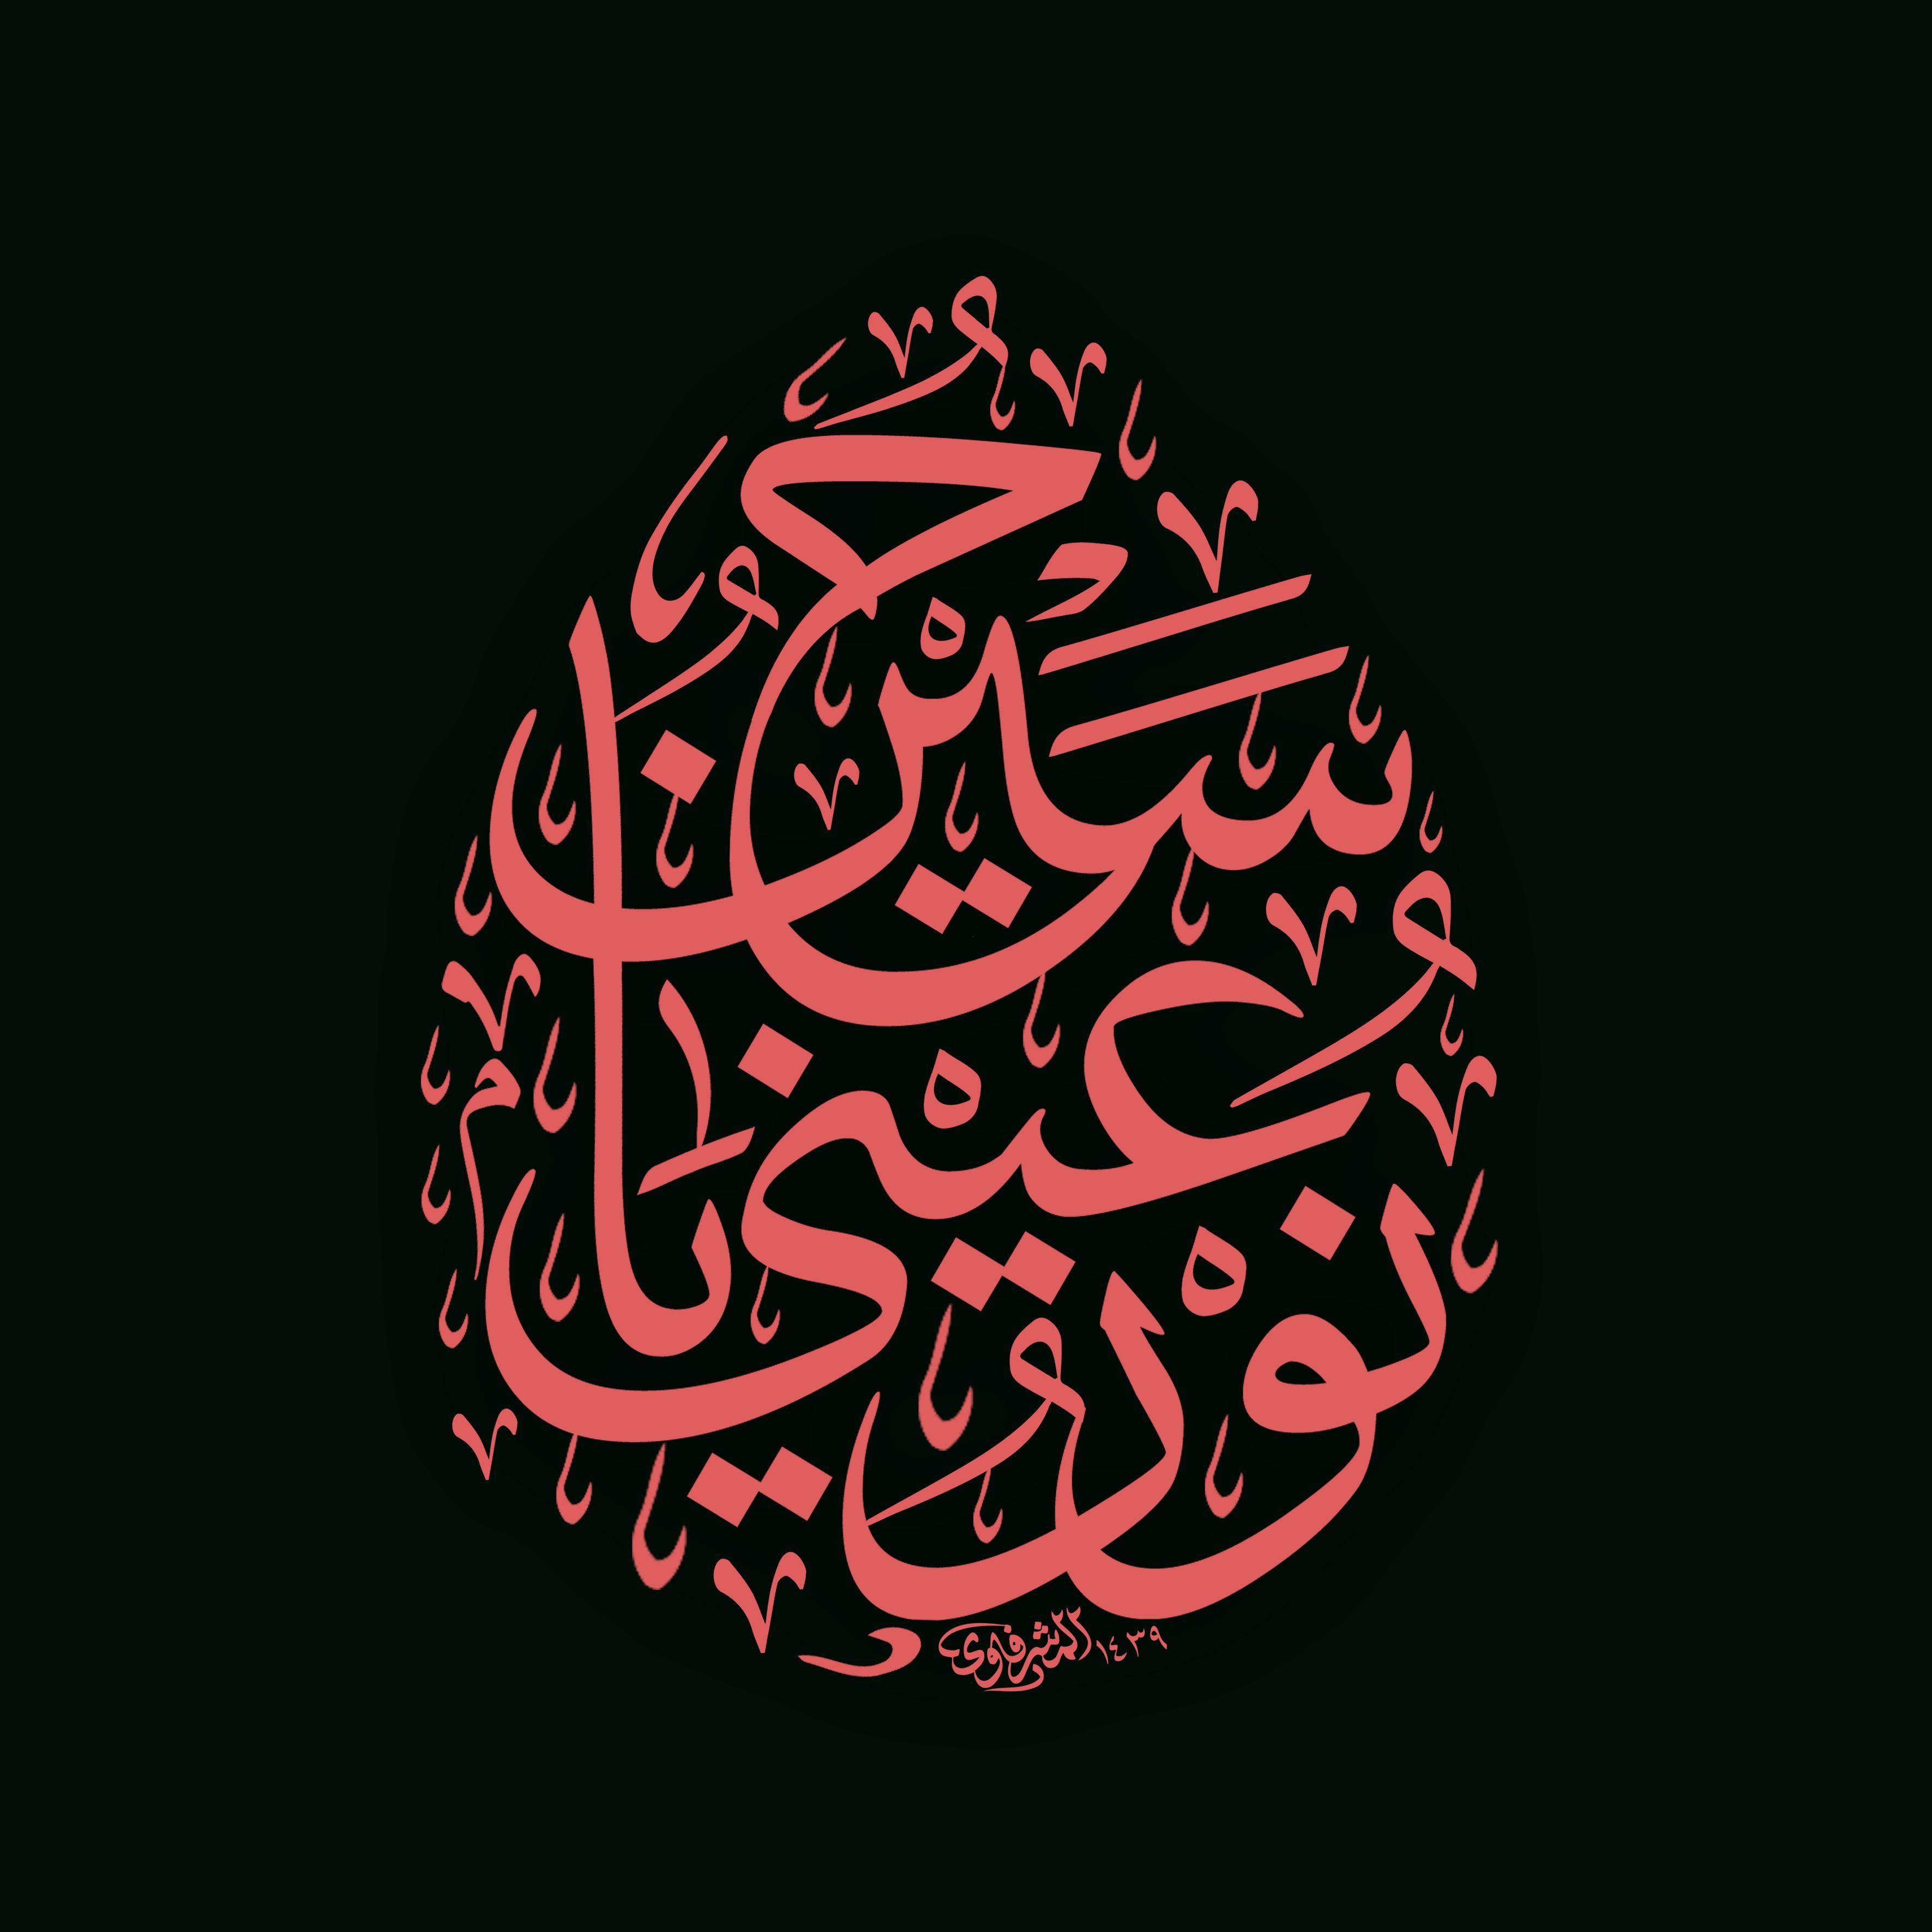 نورعيني ياحسين الحسين بن علي عليهما السلام الخطاط محمد الحسني المشرفاوي 1439 محرم الحرام Arabic Calligraphy Artwork Islamic Artwork Islamic Calligraphy